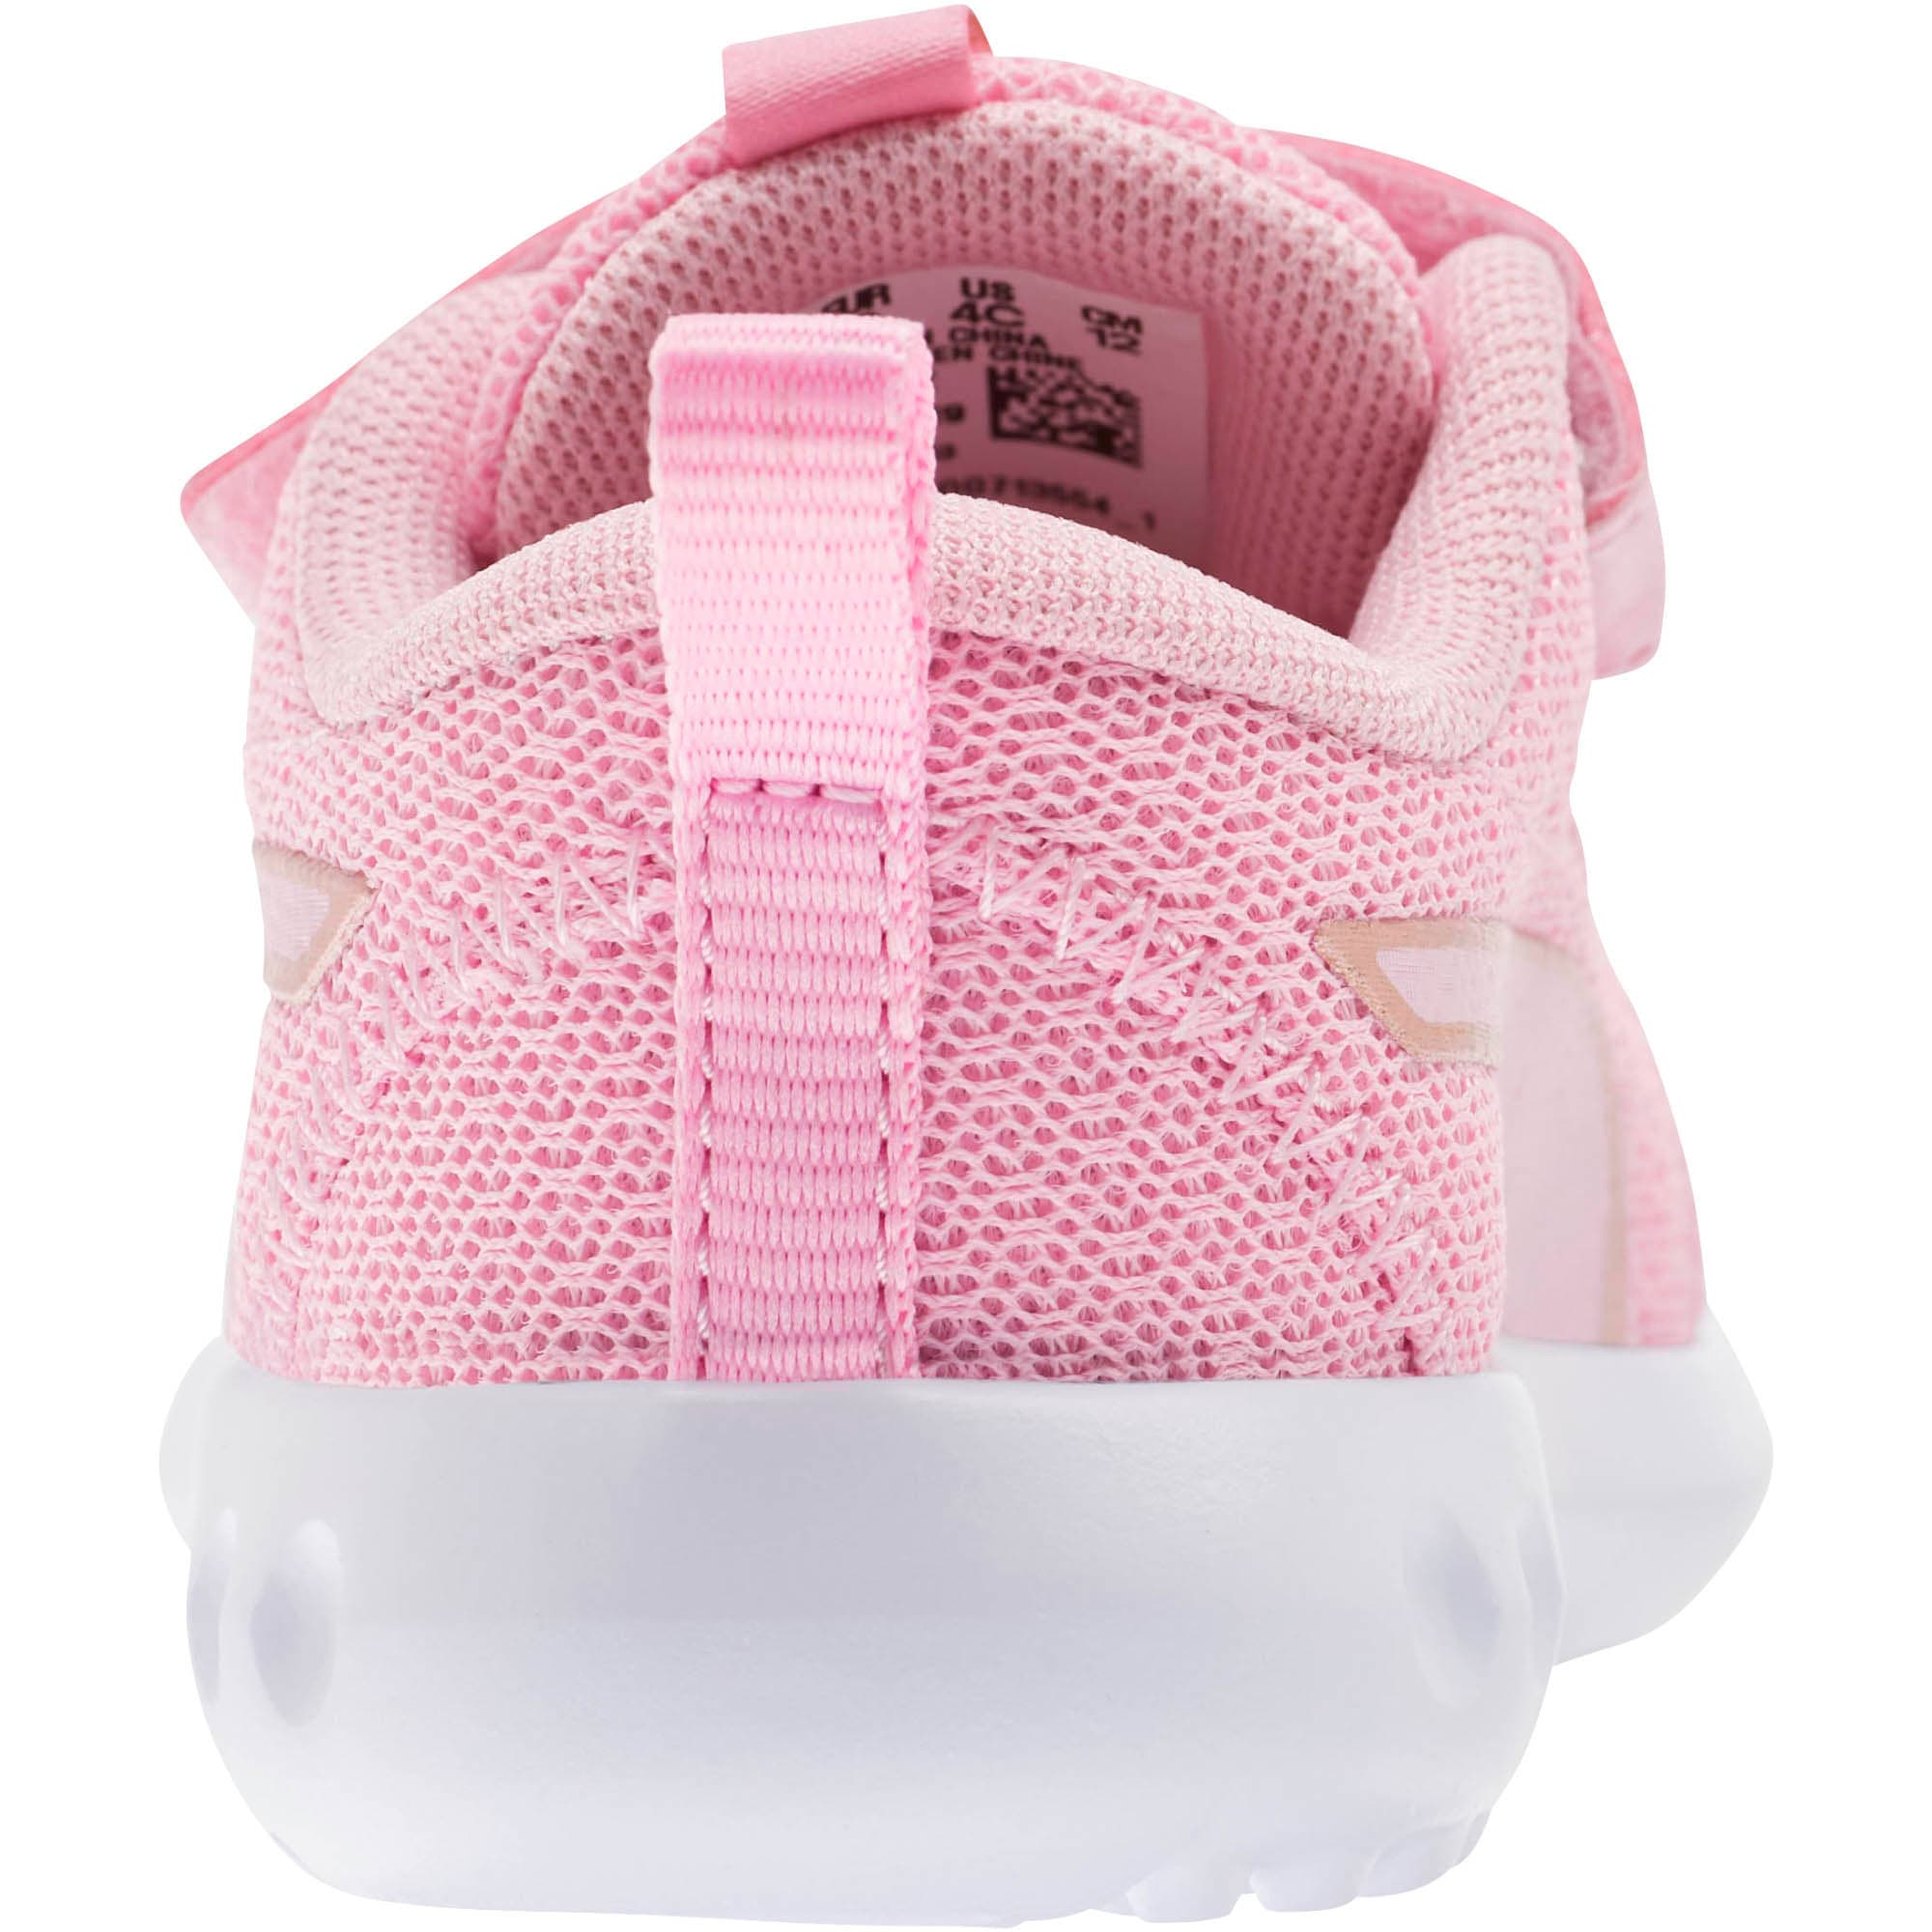 Thumbnail 3 of Carson 2 Metallic Mesh Toddler Shoes, Pale Pink-Rose Gold, medium